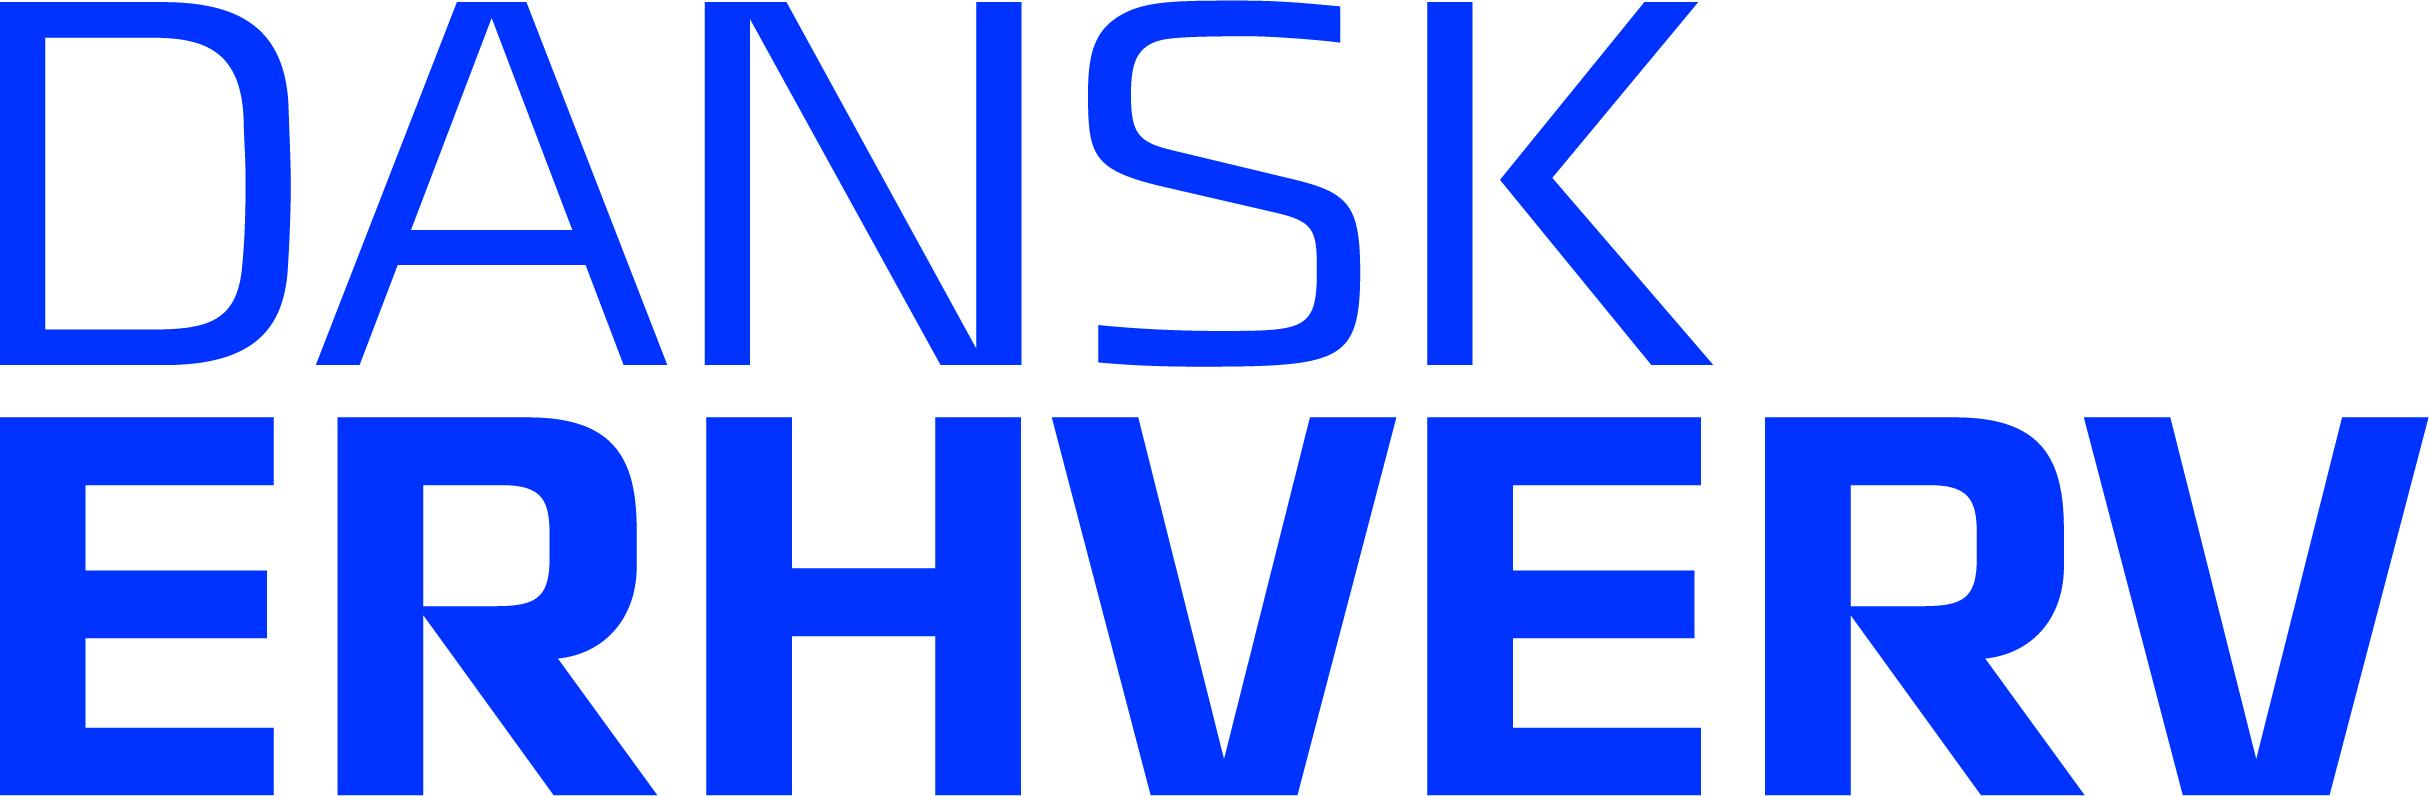 https://europeanplasticspact.org/wp-content/uploads/2020/03/Dansk-Erhverv-Danish-Chamber-of-Commerce.jpg